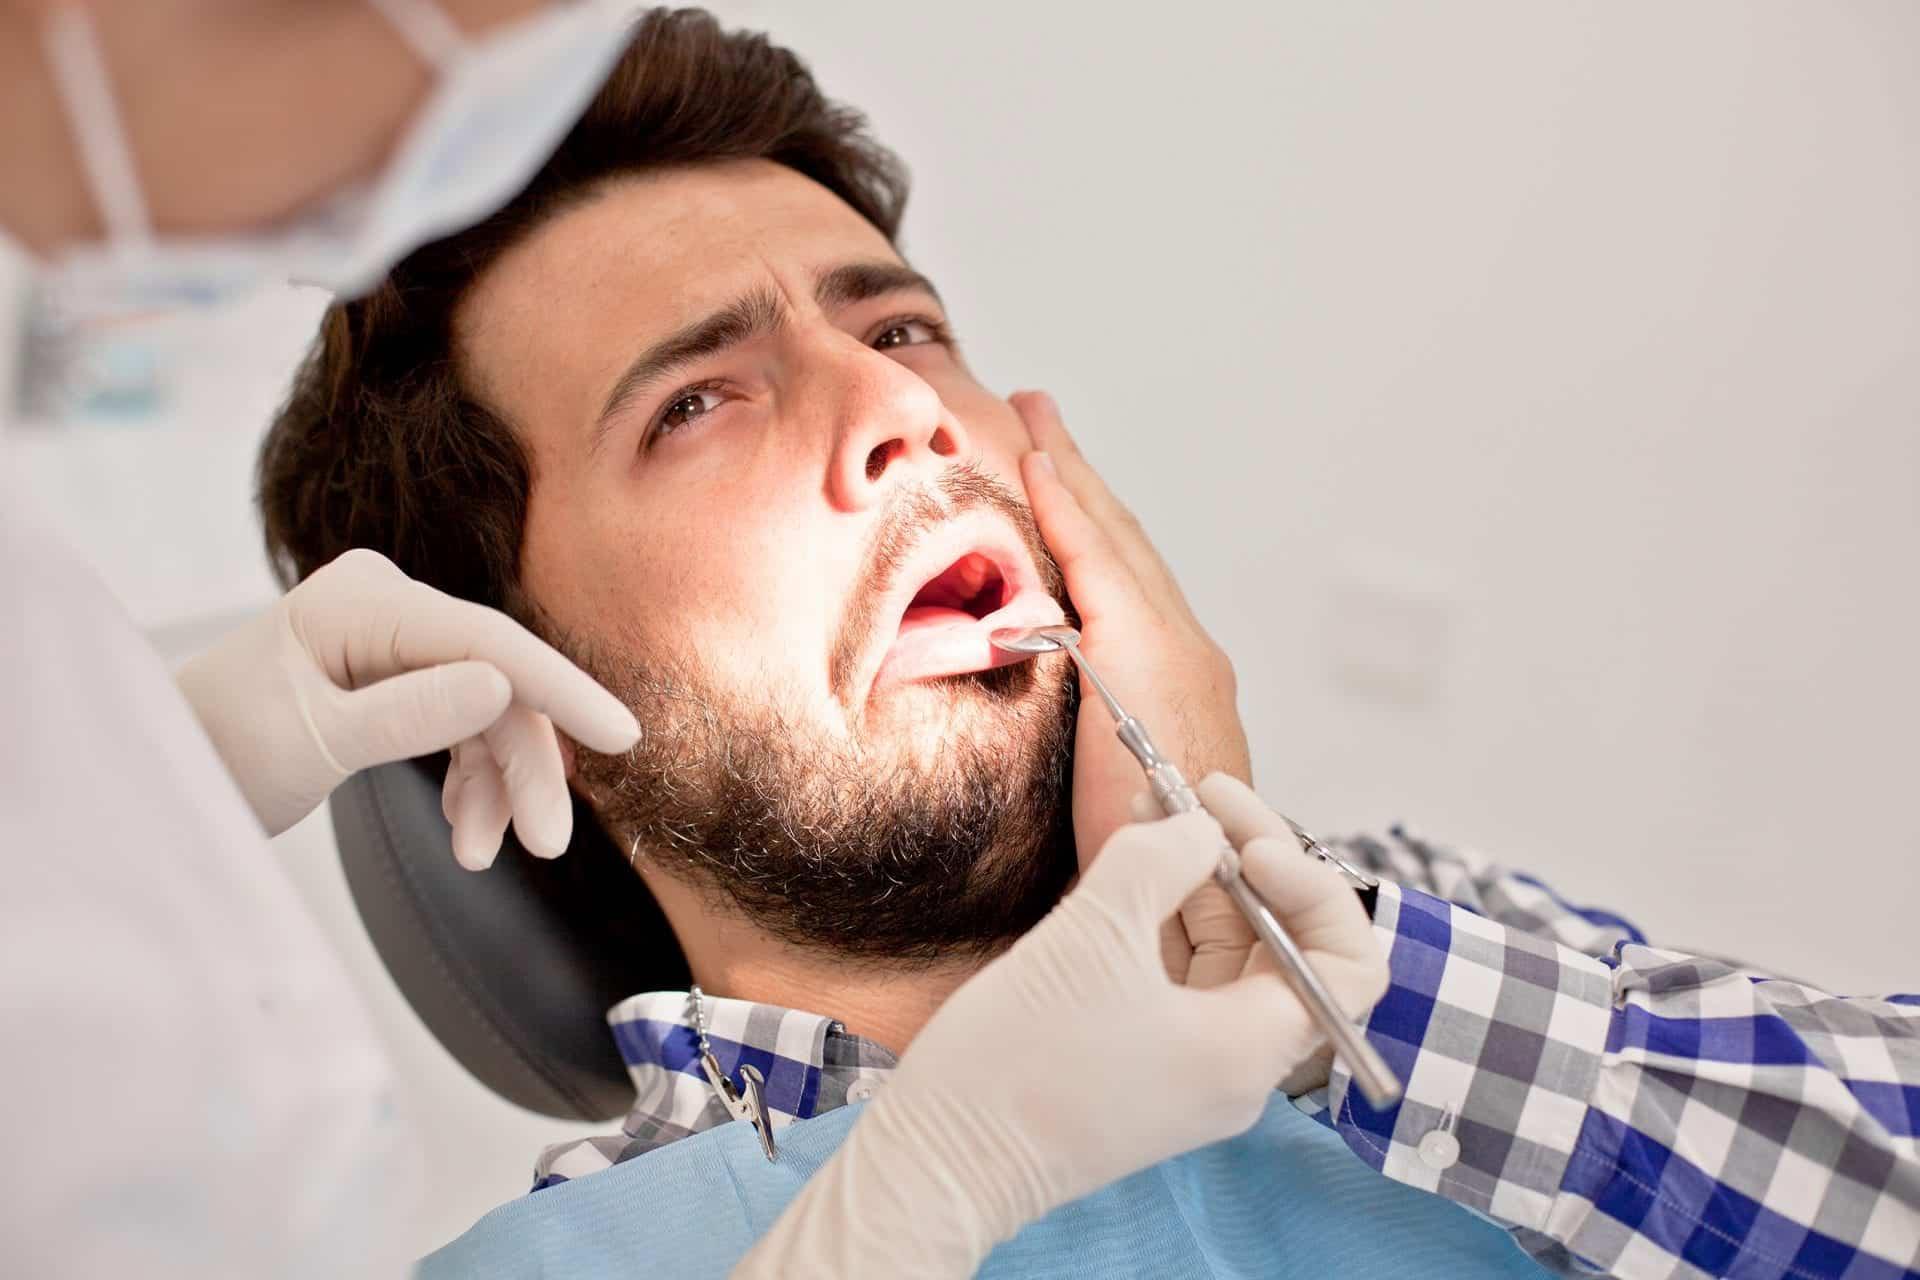 כאבי שיניים